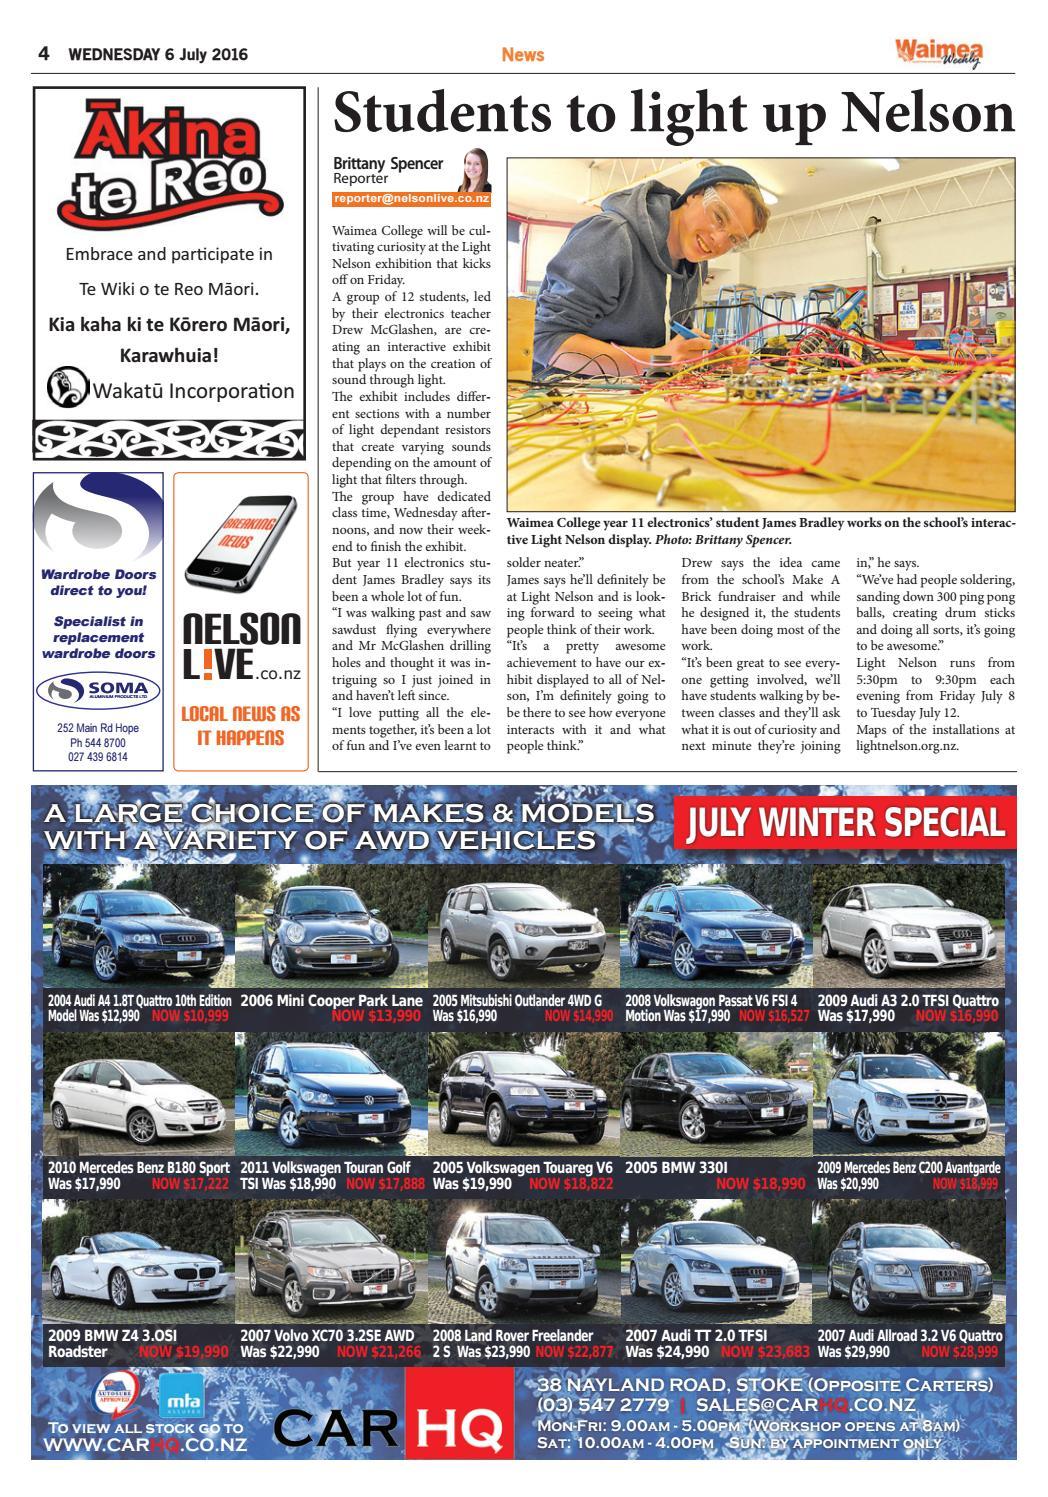 050716 by Waimea Weekly Ltd - issuu